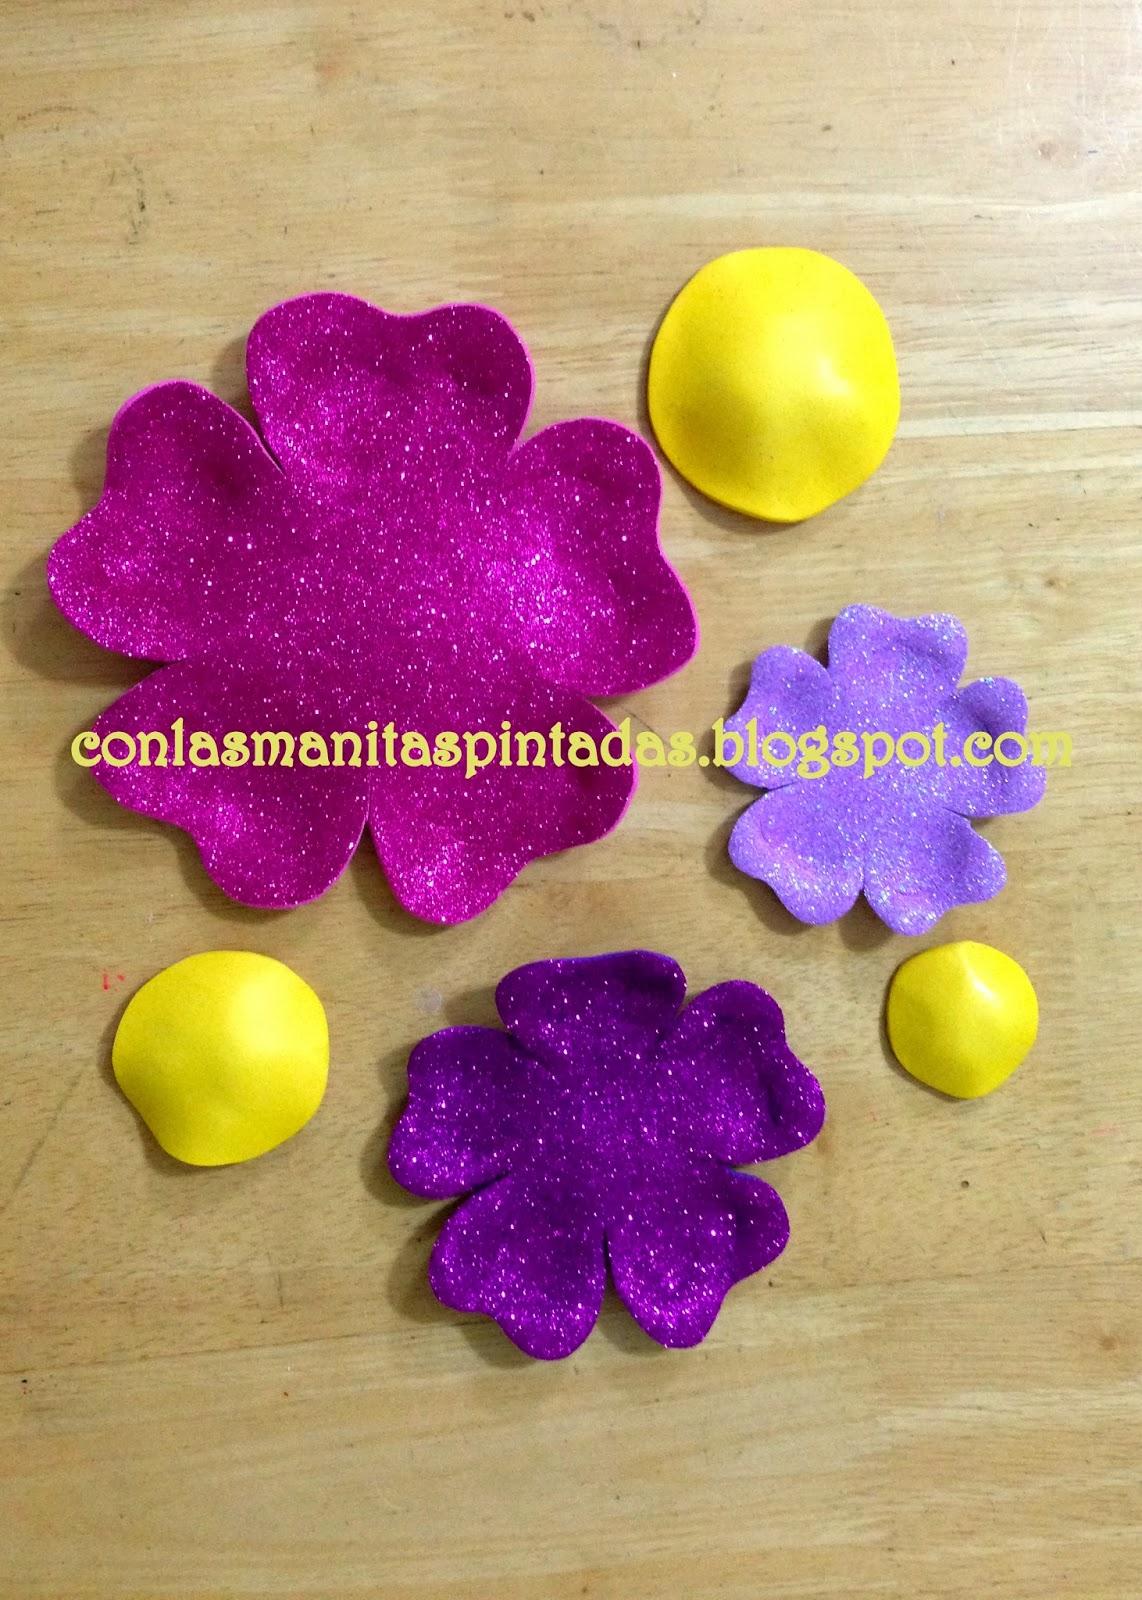 Con las manitas pintadas como hacer flores con goma eva - Pinturas para goma eva ...